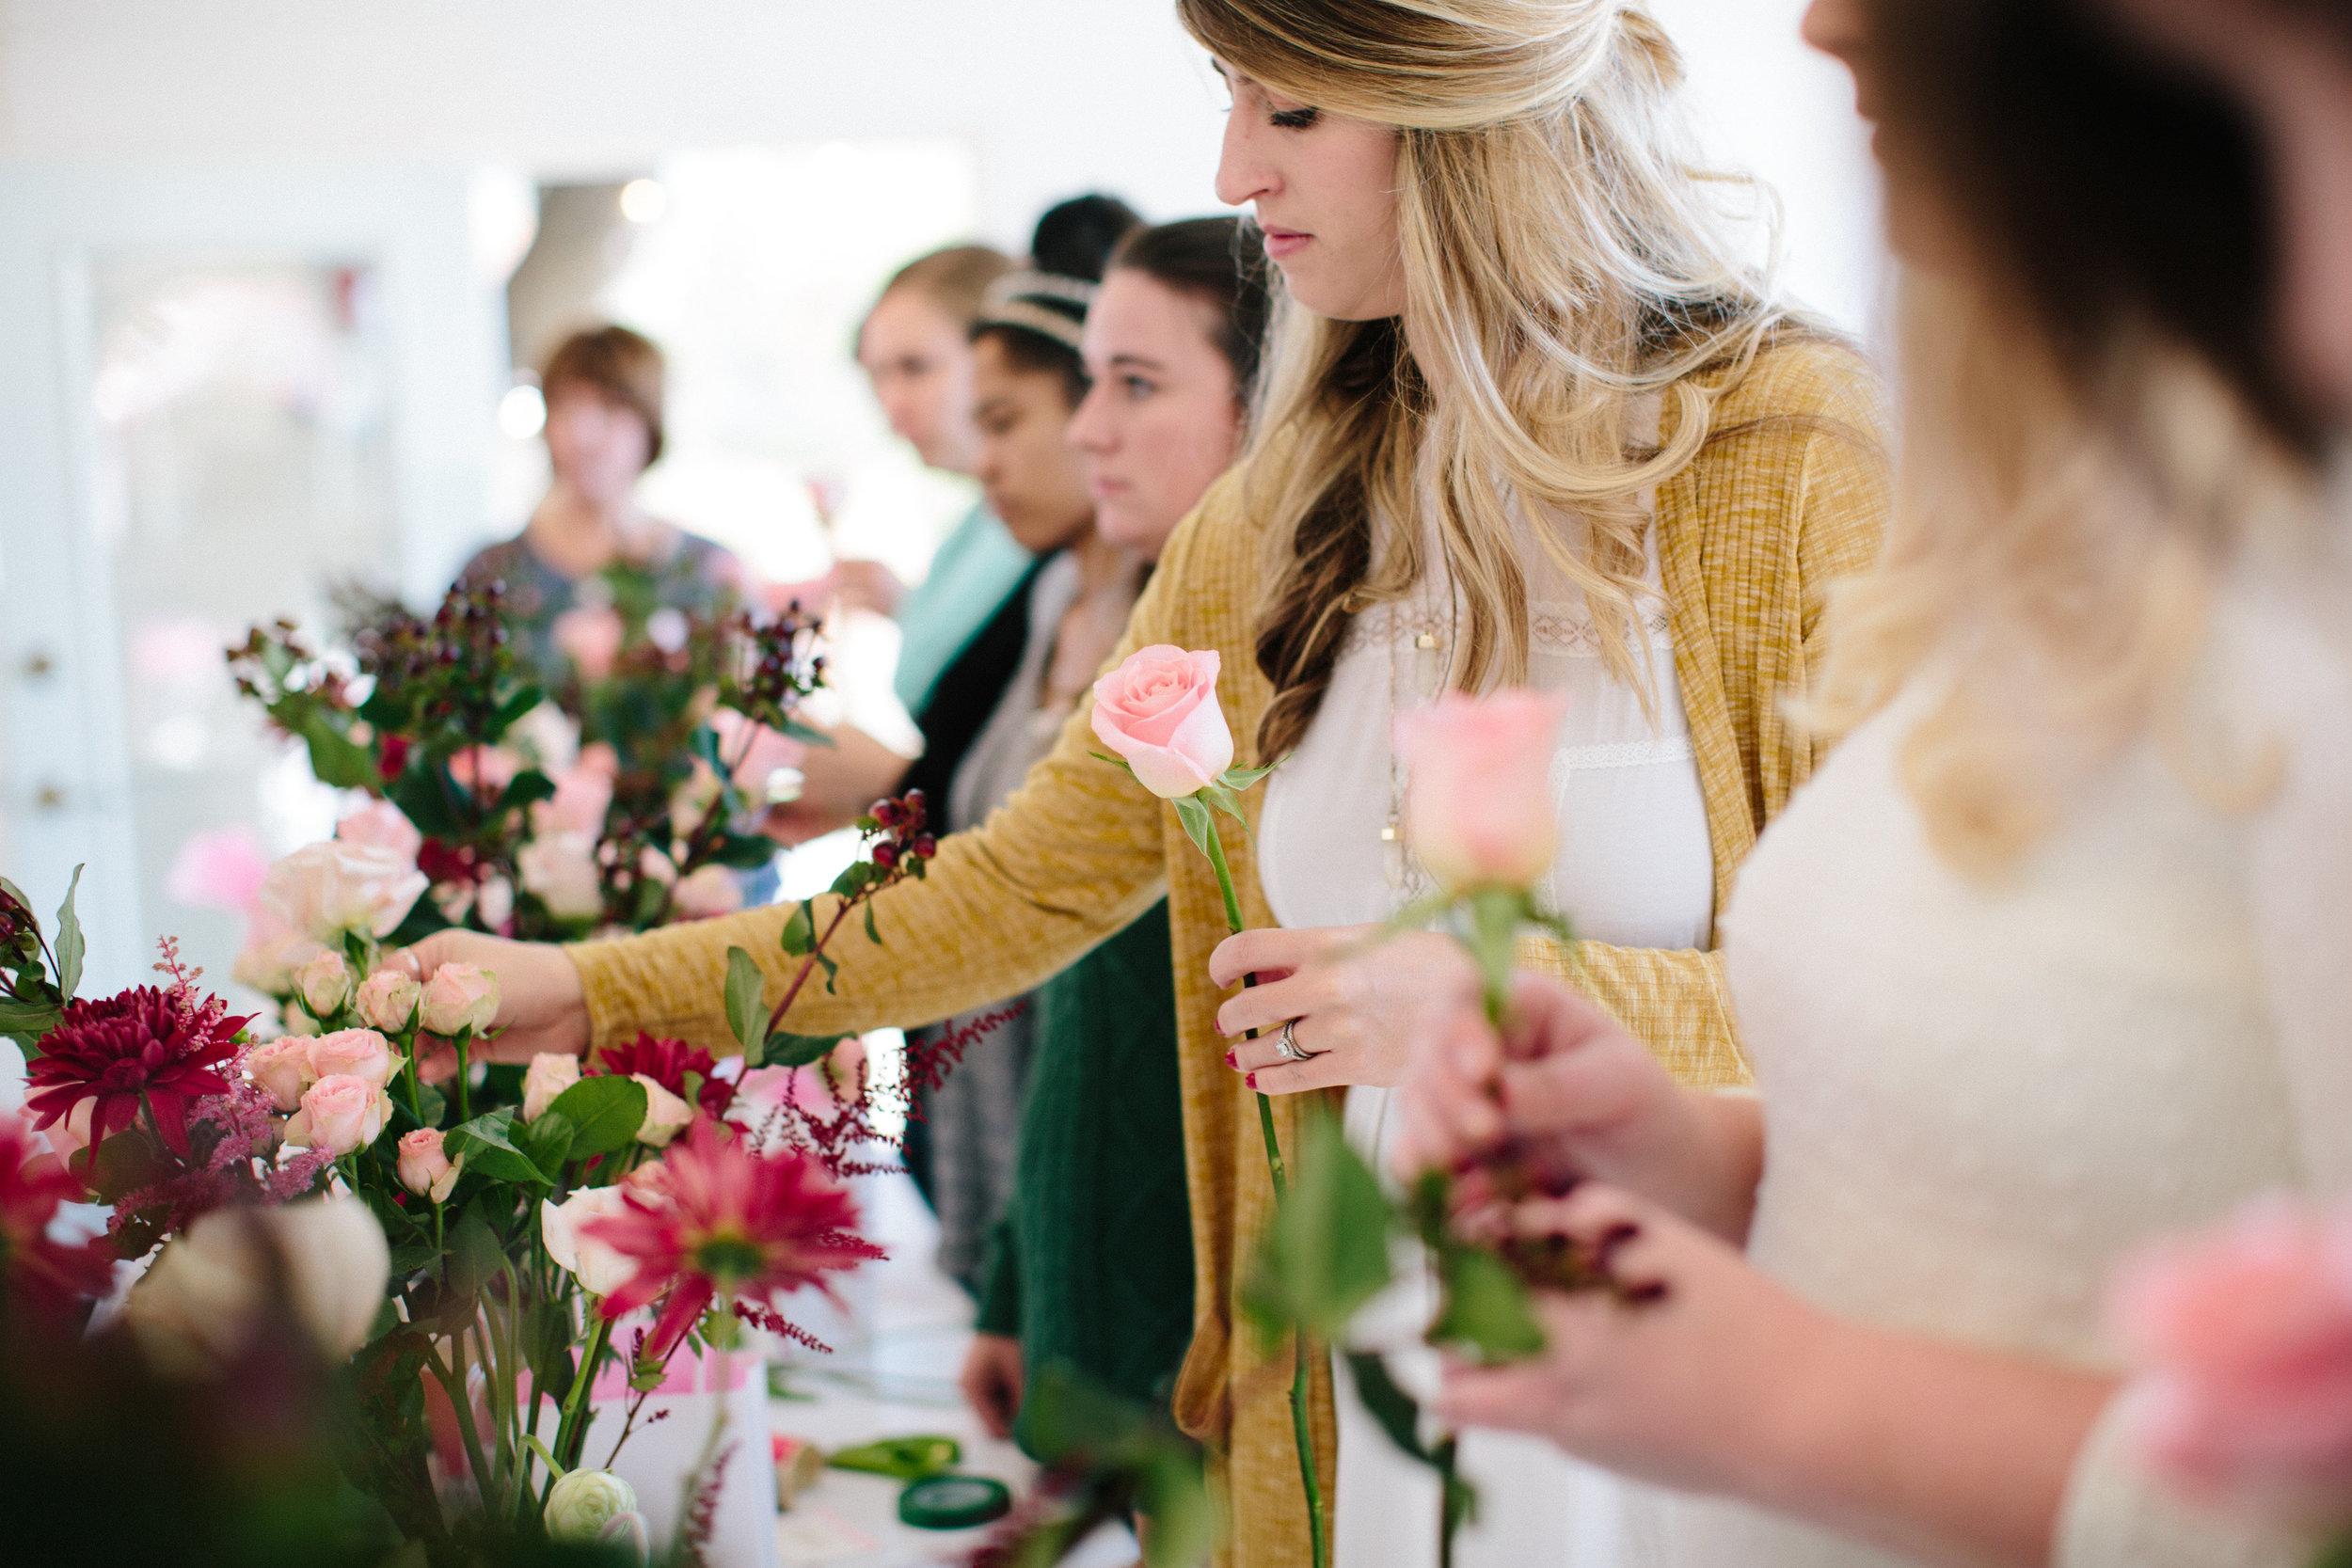 CIE blooms and brunch workshop in Norfolk, Virginia